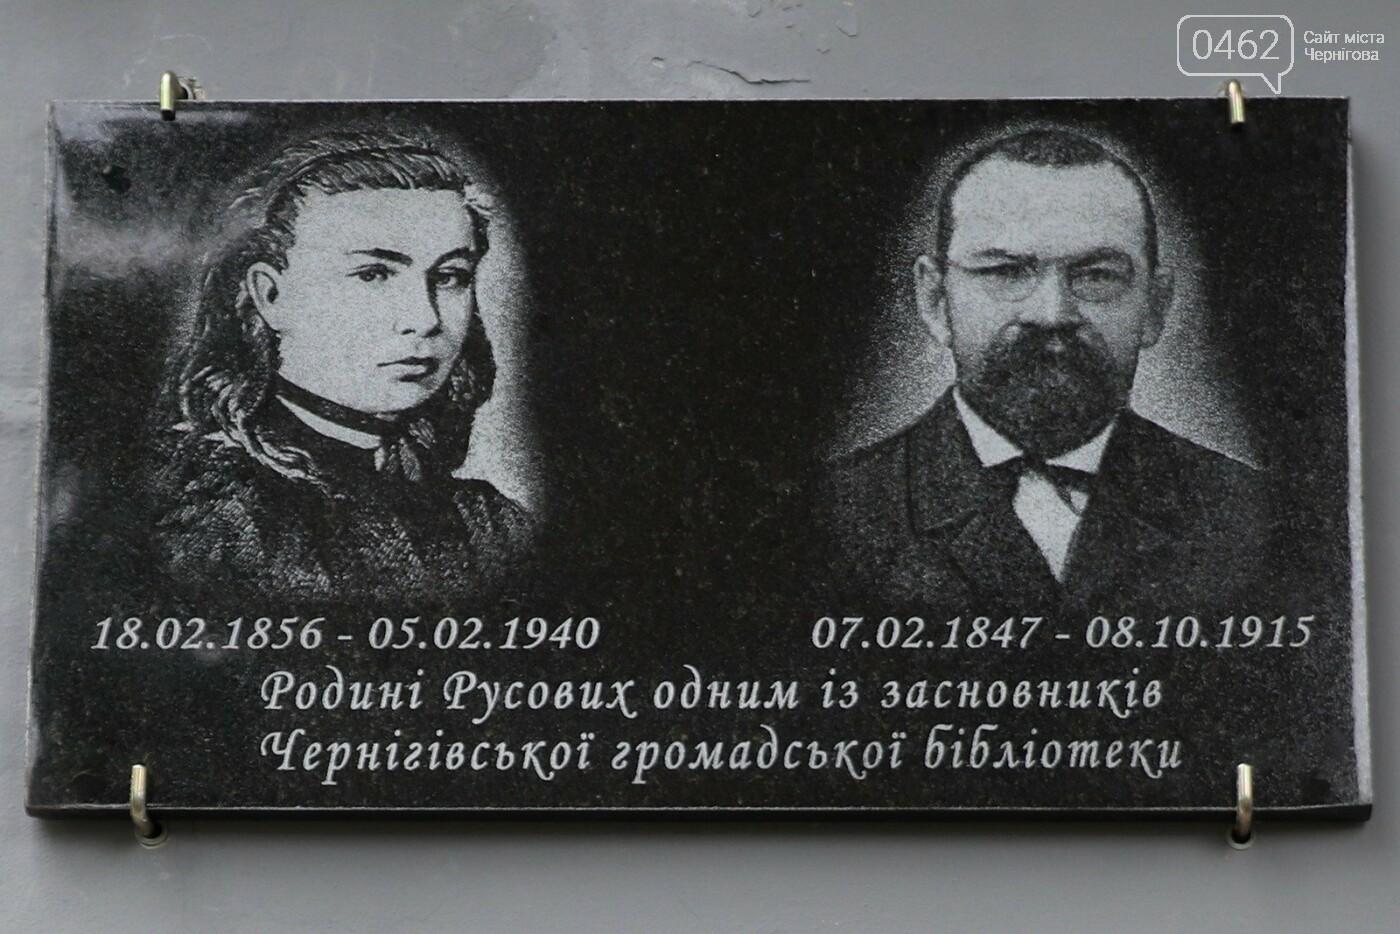 Память Софии Русовой и ее мужа в Чернигове увековечили в граните, фото-2